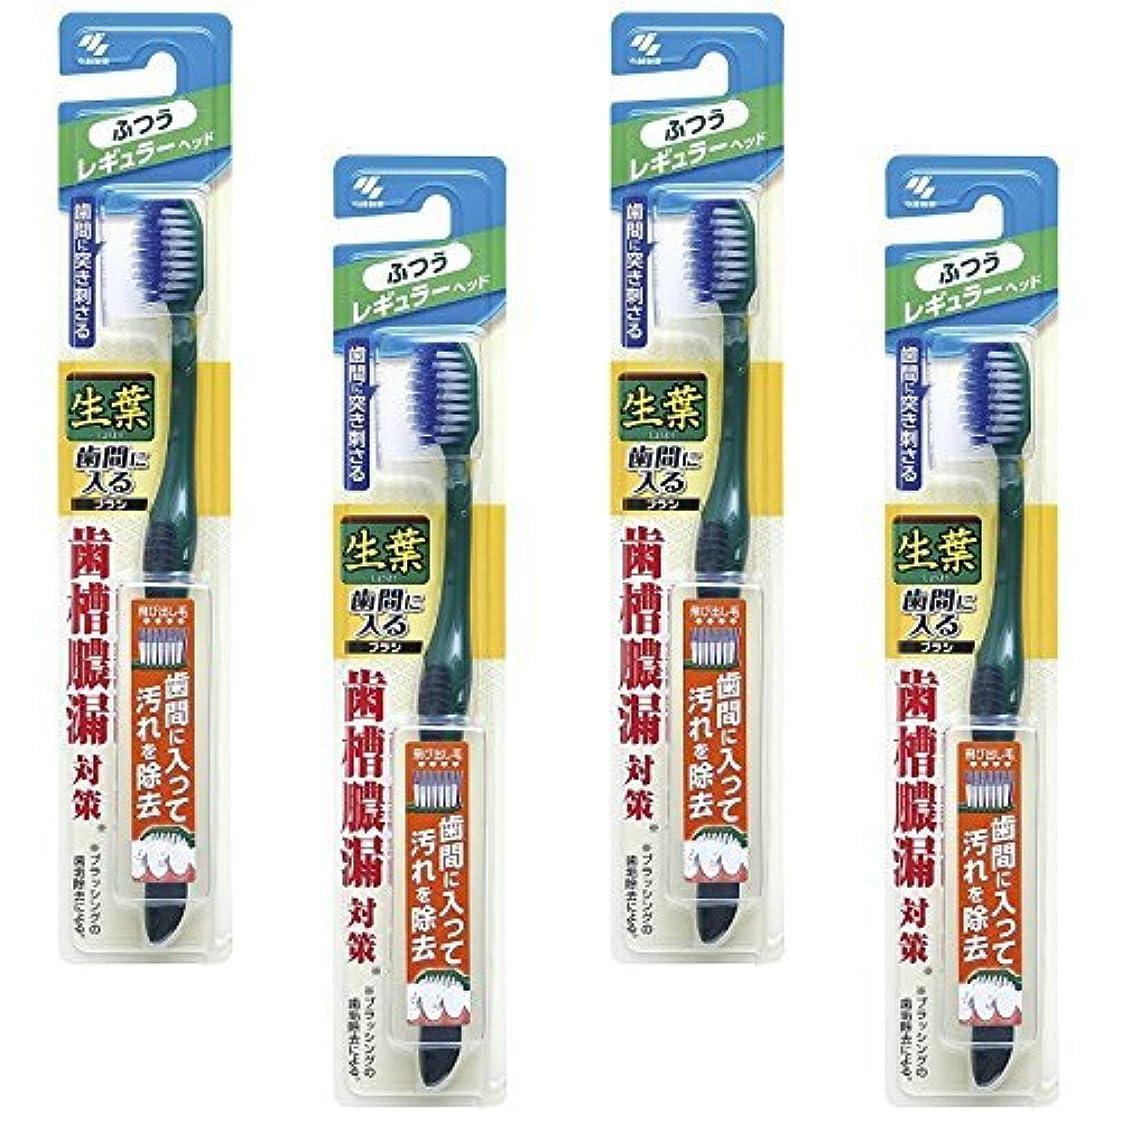 王族信じる原油【まとめ買い】生葉(しょうよう)歯間に入るブラシ 歯ブラシ レギュラー ふつう ×4個